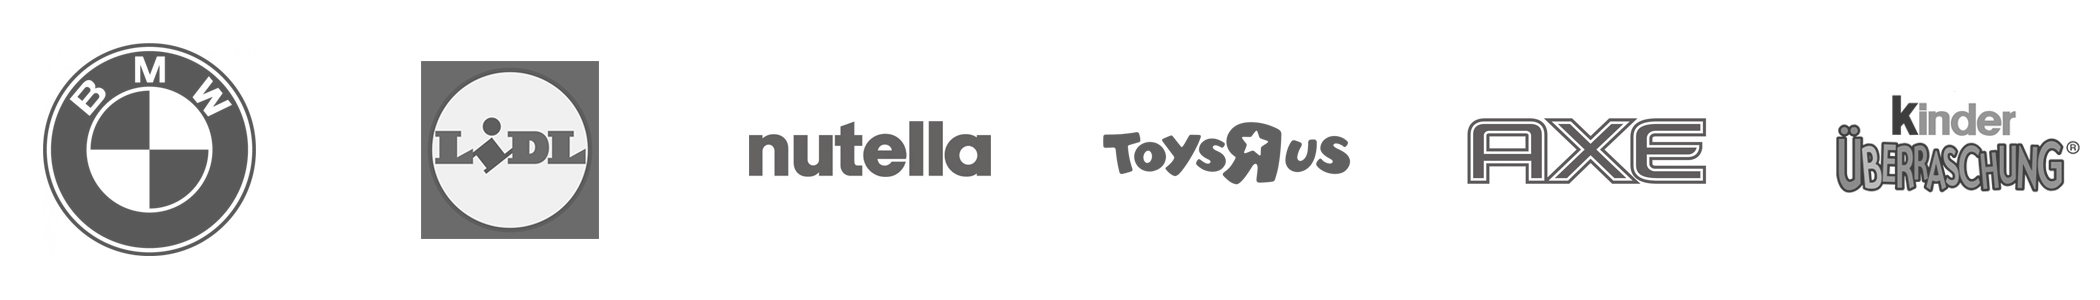 2100x300_customer-logo0